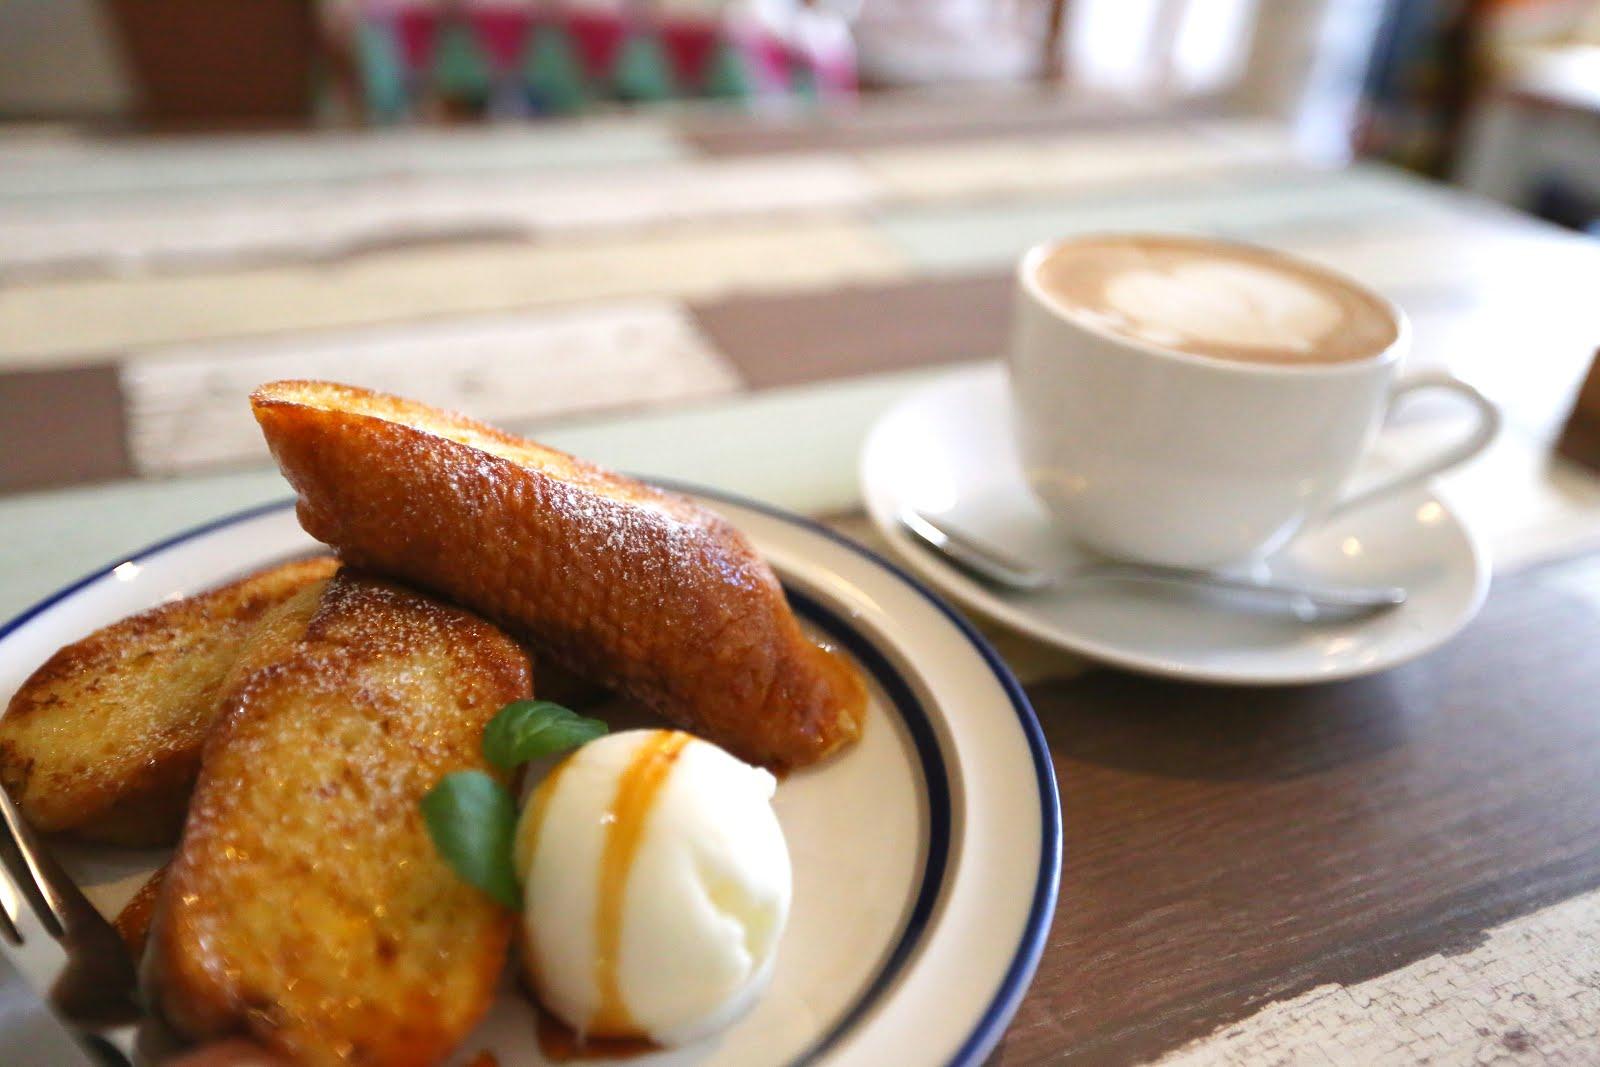 kiitos人気のフレンチトースト トッピングのジェラートは雫石にある、松ぼっくりさんのジェラートです。